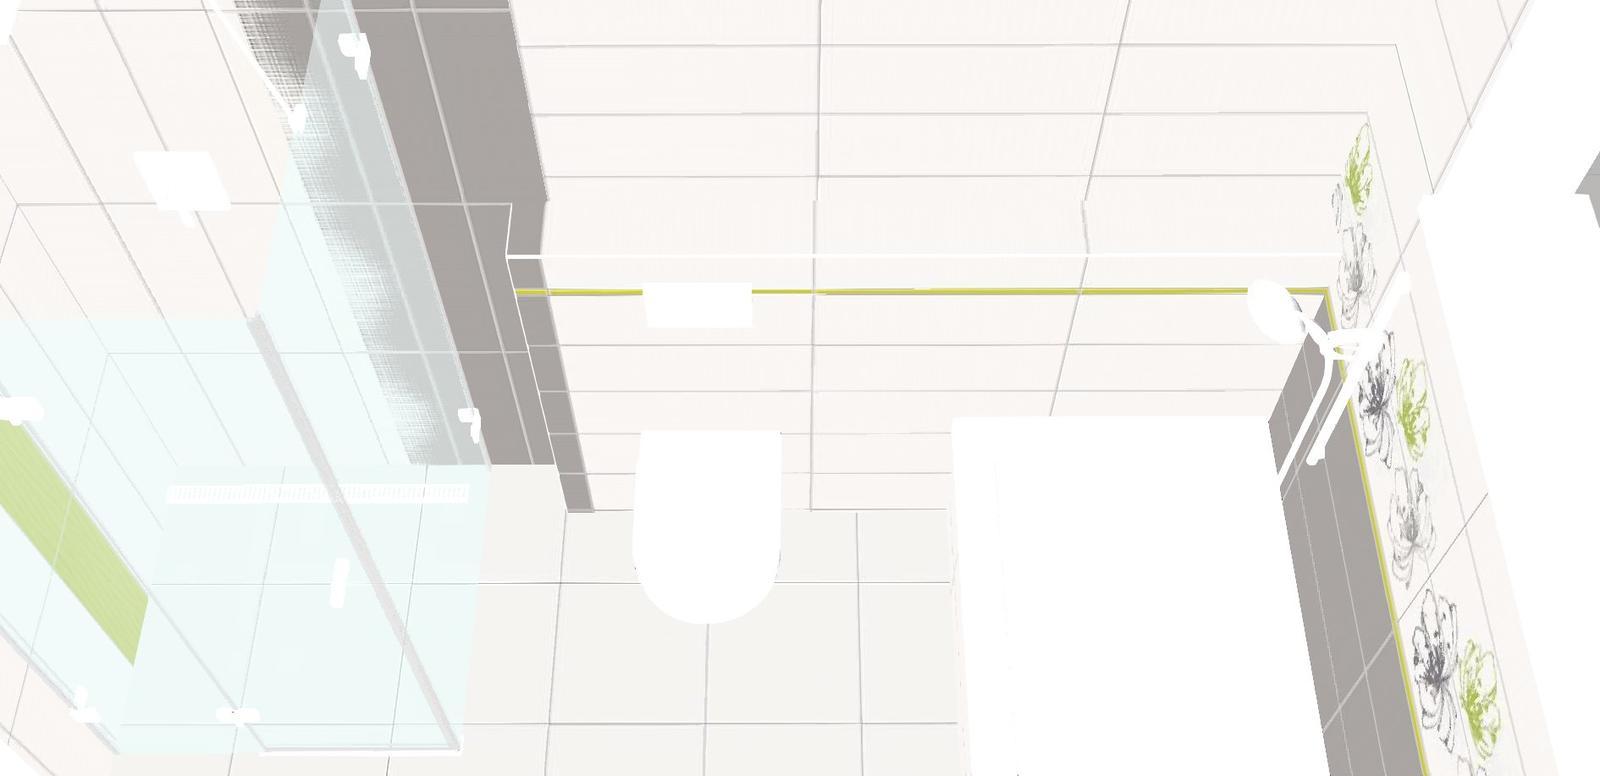 Inspiracie pre domcek - geberit asi potiahneme sivou a sprchovy kut bude asi pravy uhol cca. na 60 cm od hora dole zeleny